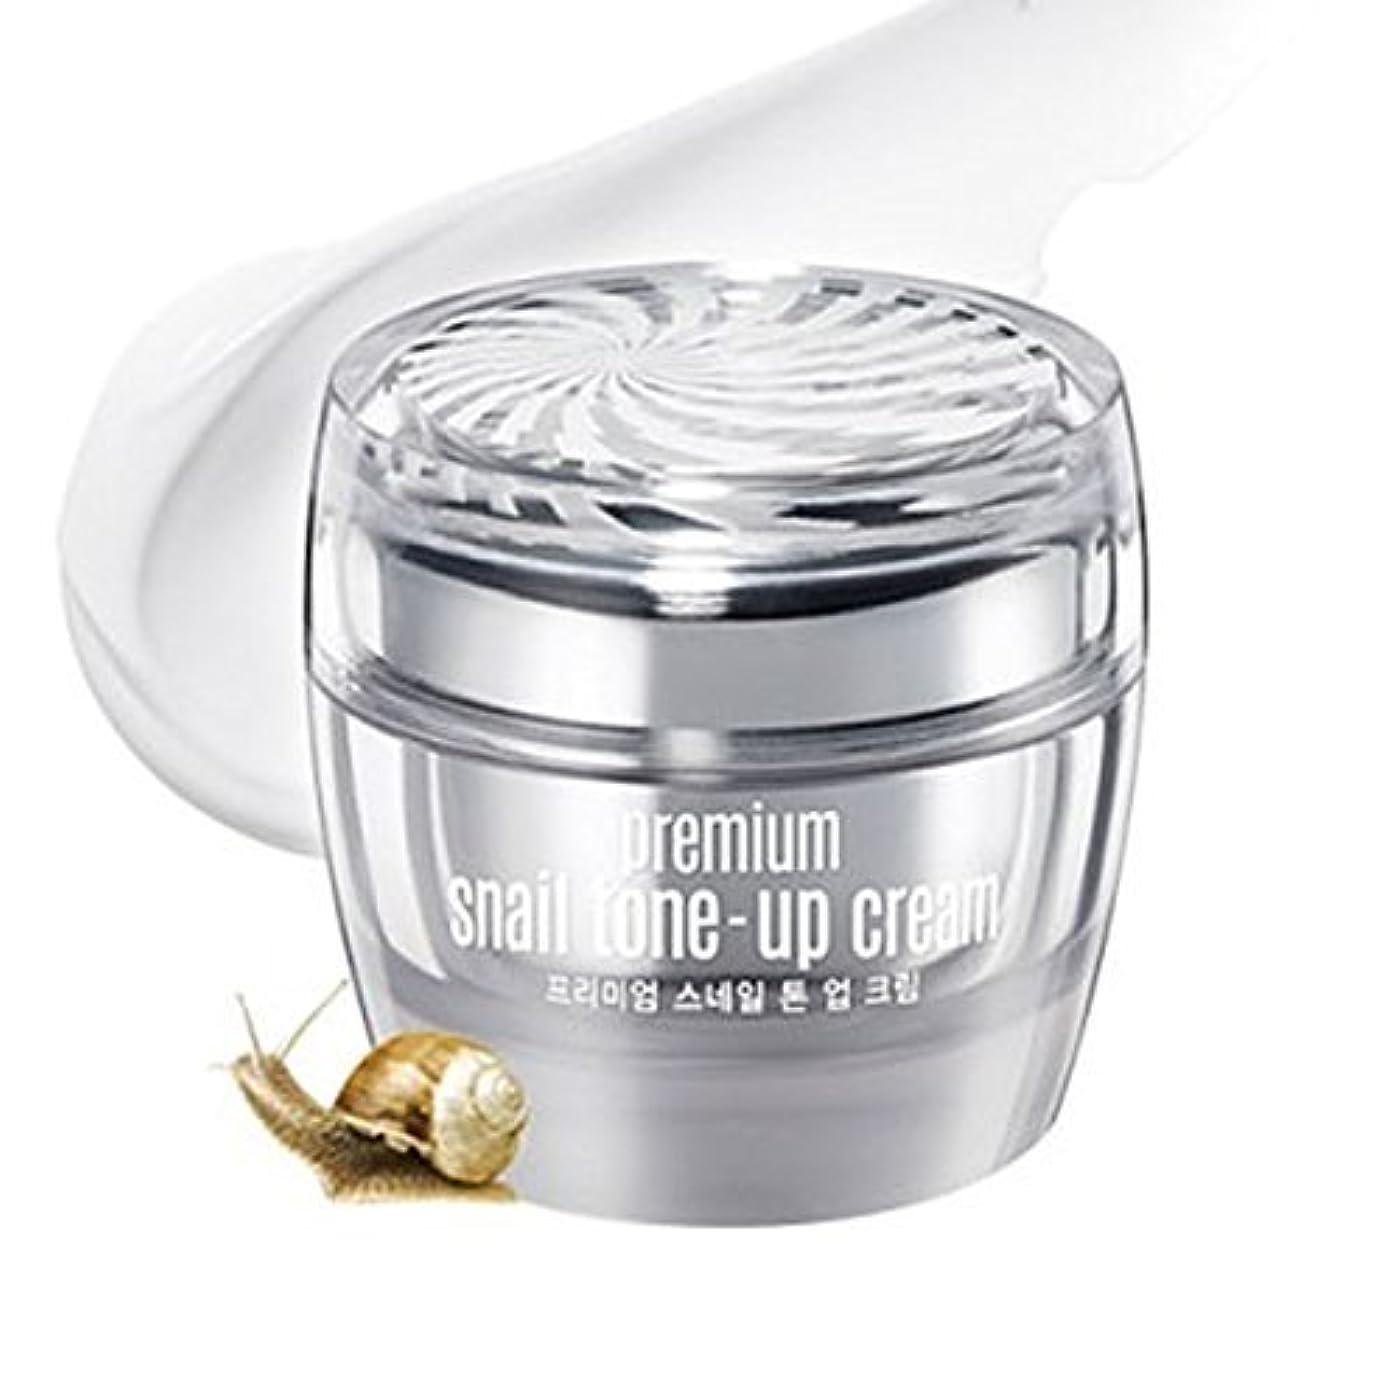 ツール無能医師グーダル プレミアム スネイル トーンアップ クリーム CLIO Goodal Premium Snail Tone Up Whitening Cream 50ml(1.69oz)/Korea Cosmetic [並行輸入品]